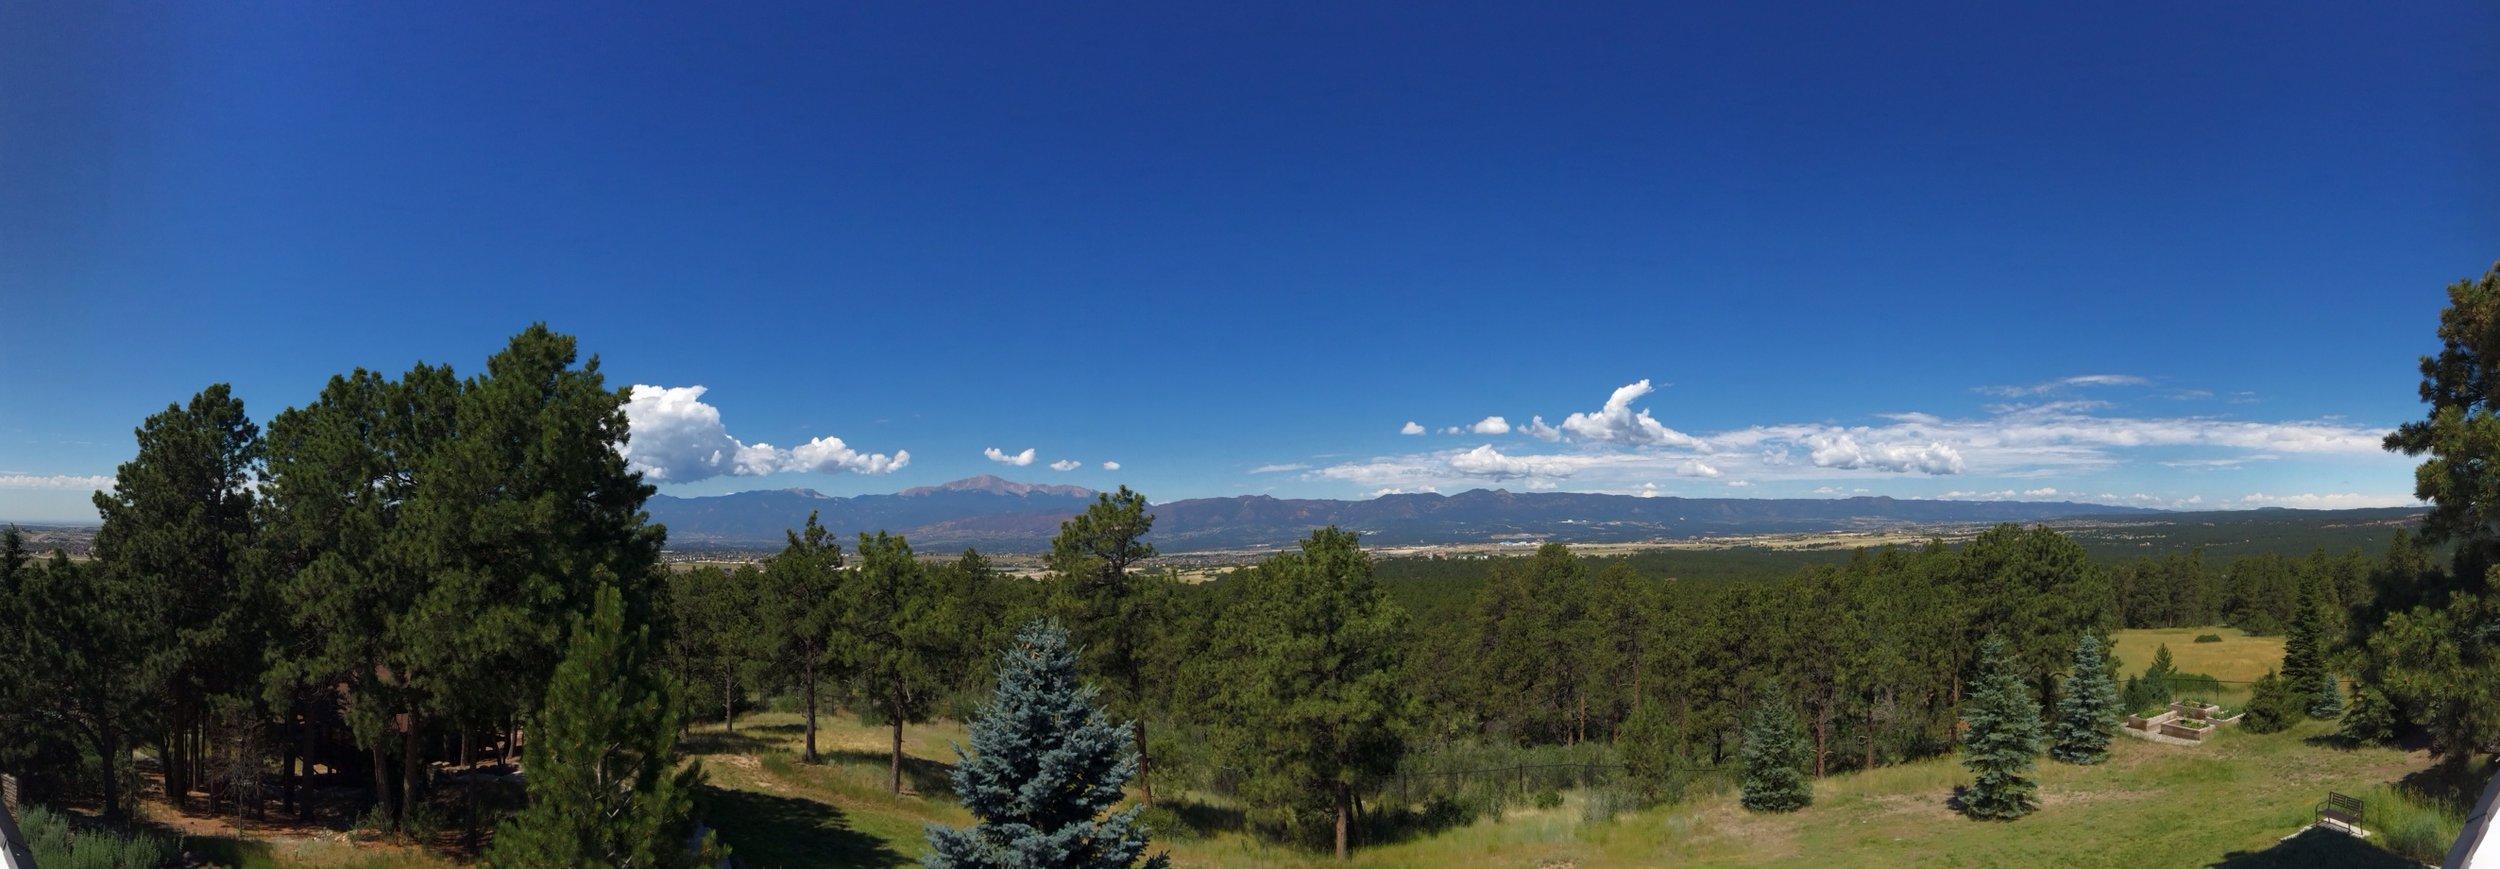 1339878_Front-Range-View--Panoramic-Photo-_high.jpg